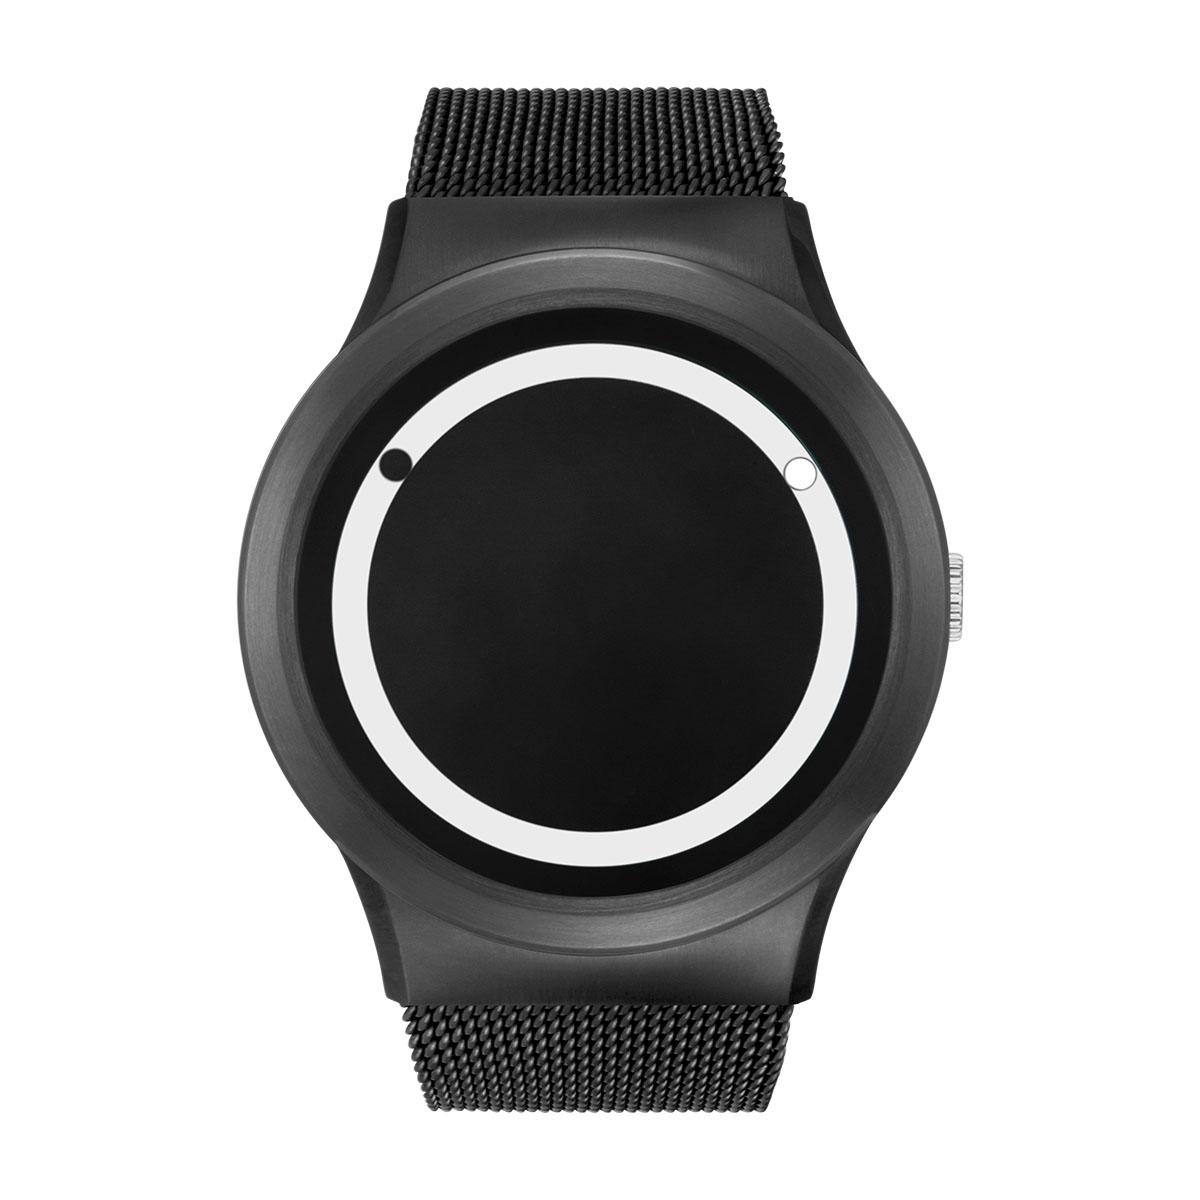 ZEROO PLANET ECLIPSE ゼロ 電池式クォーツ 腕時計 [W13030B03SM03] ホワイト デザインウォッチ ペア用 メンズ レディース ユニセックス おしゃれ時計 デザイナーズ